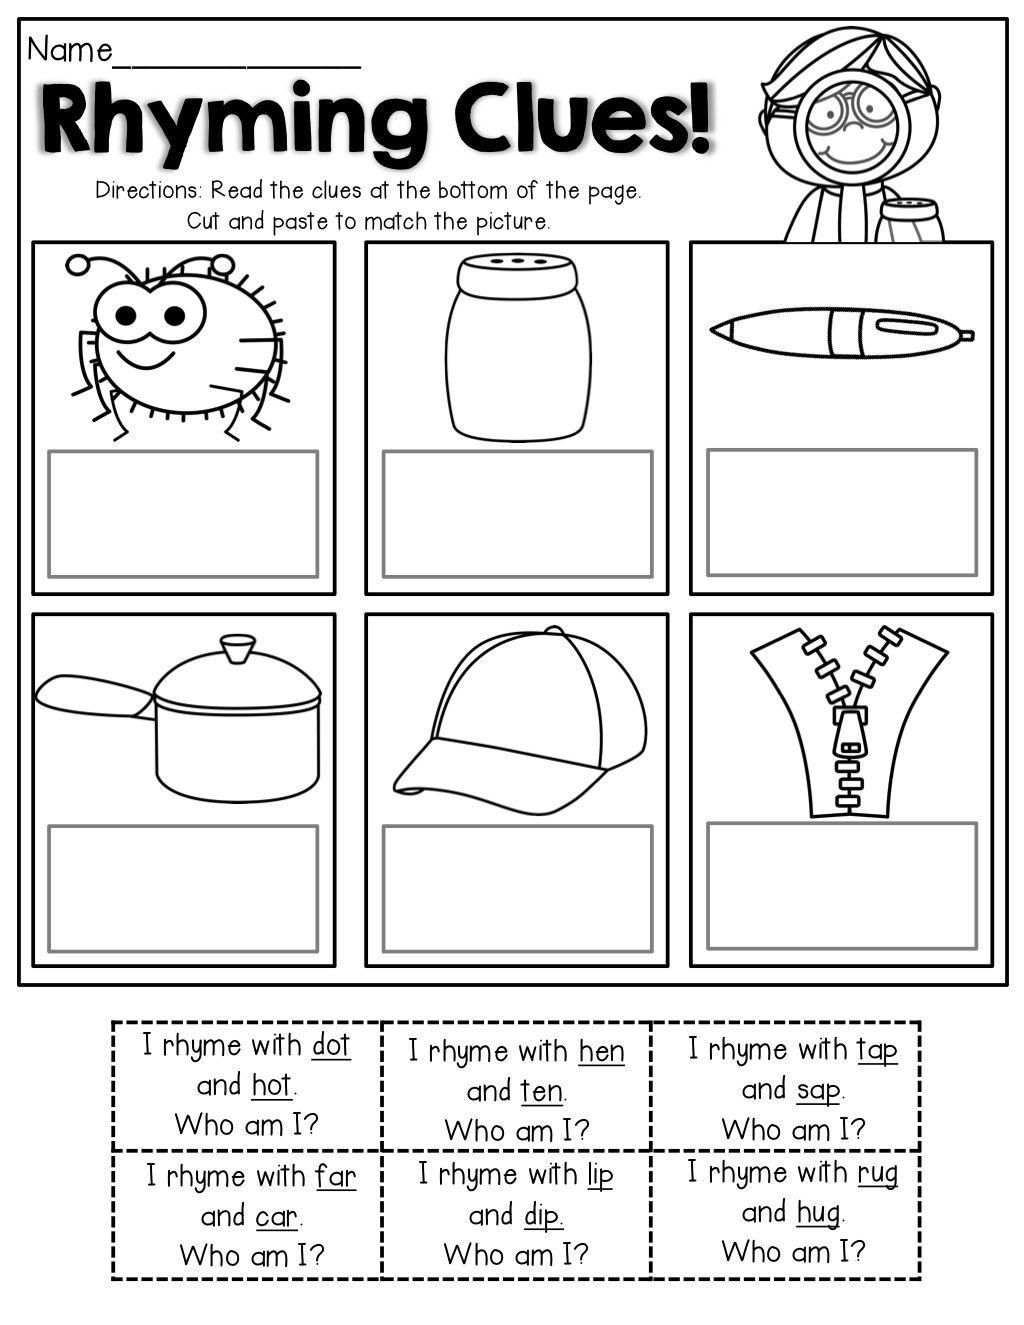 Rhyming Words Worksheet For Kindergarten In